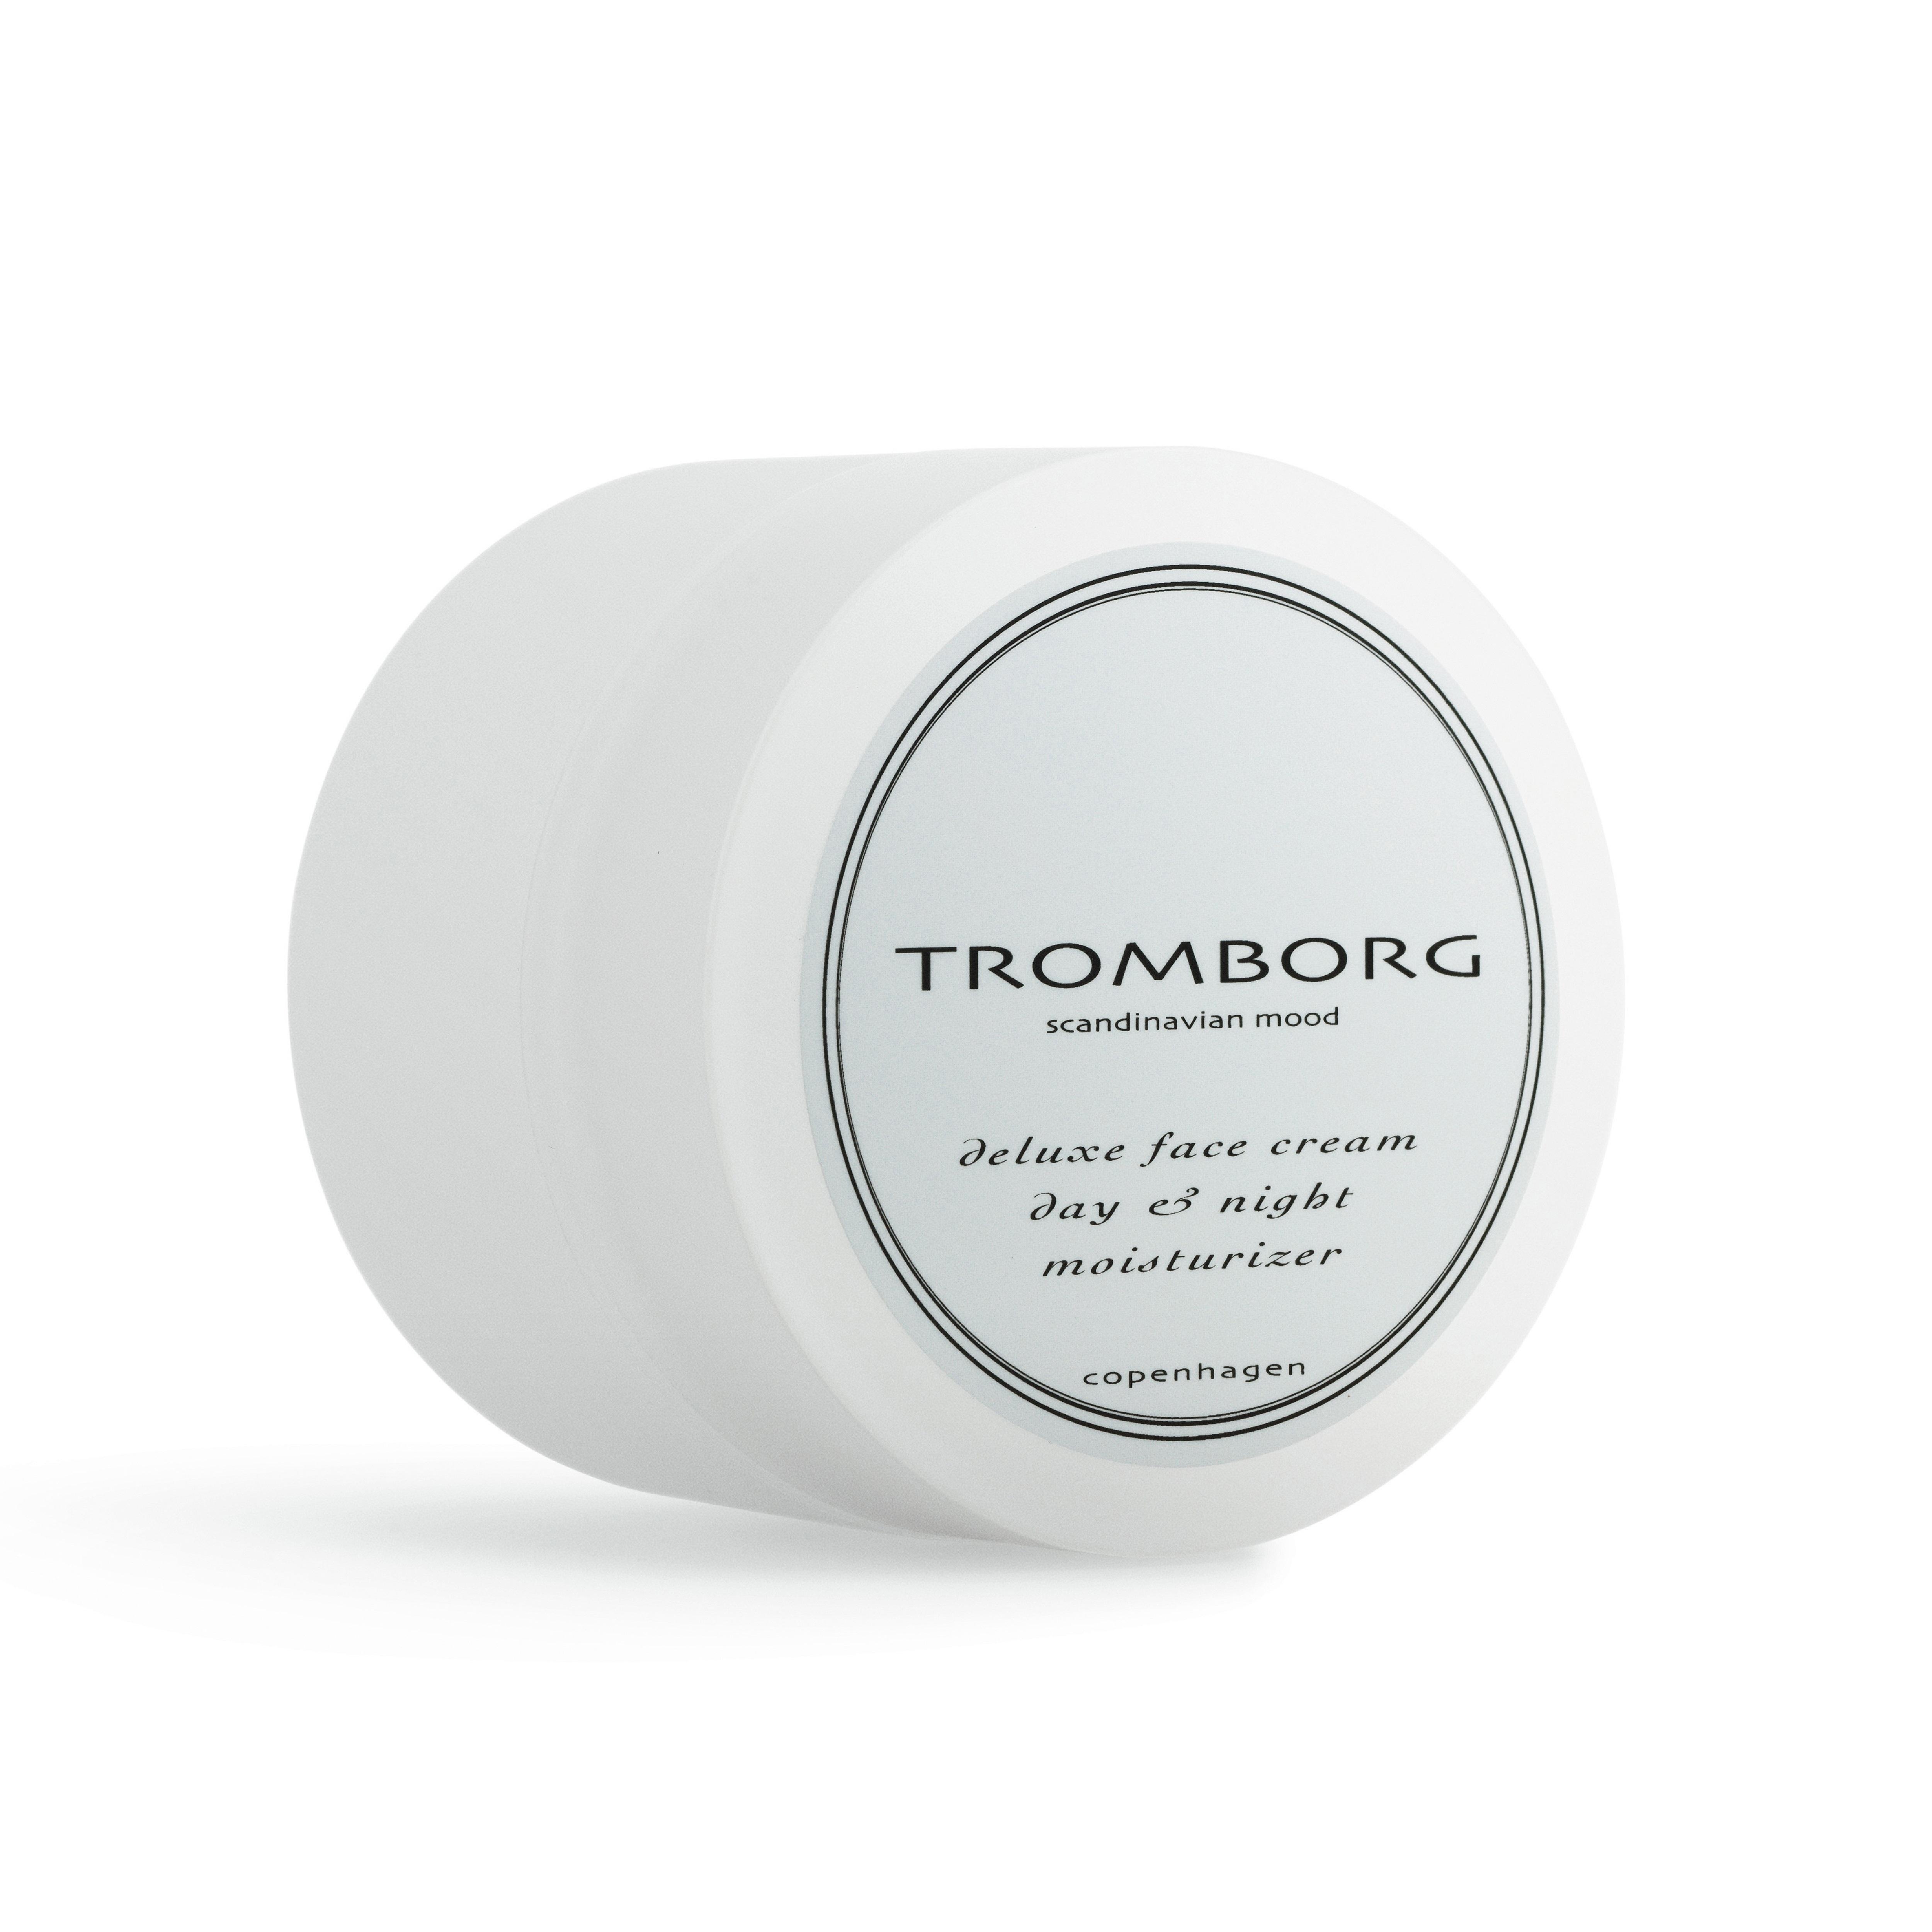 Tromborg Deluxe Face Cream Day & Night Moisturizer, 50 ml